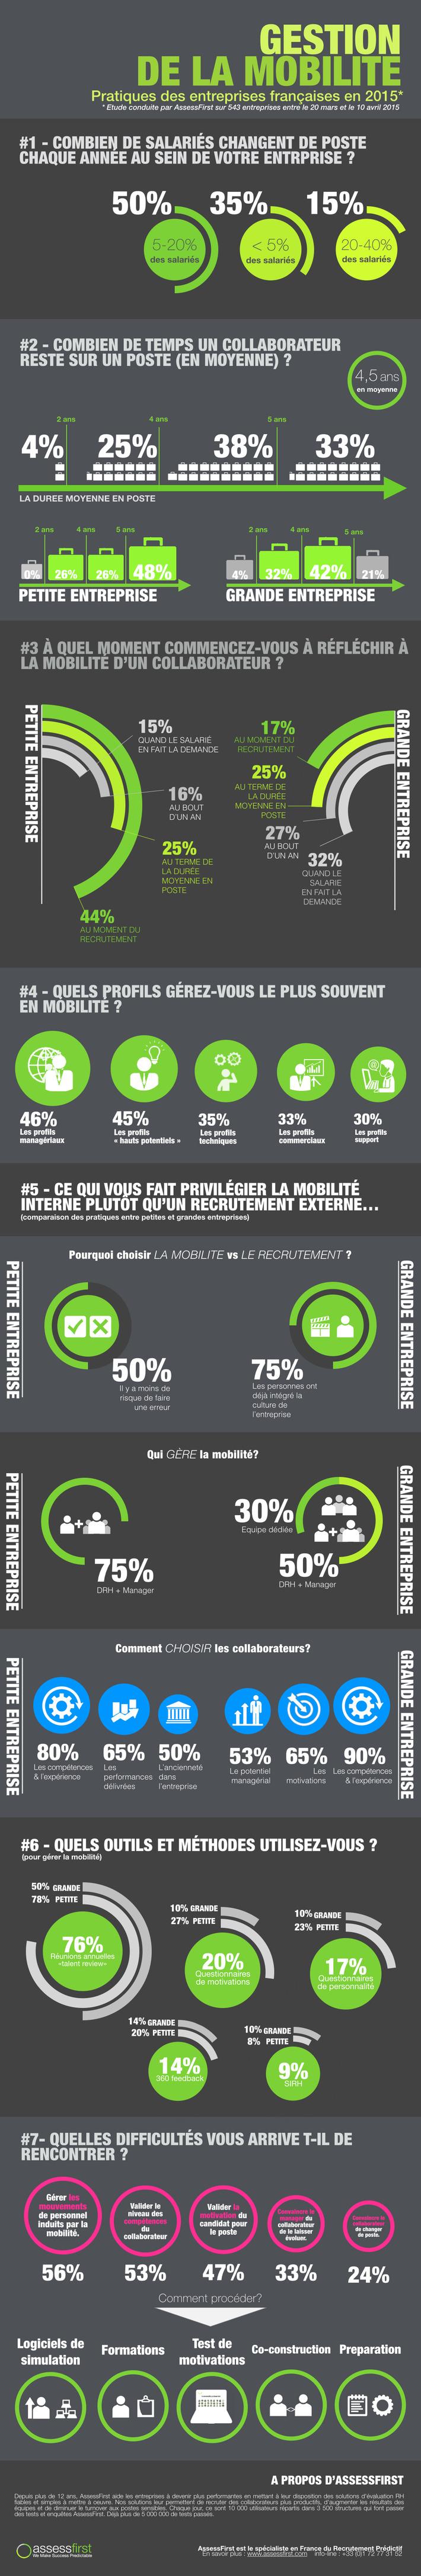 [Infographie] Gestion de la mobilité: Pratiques des entreprise françaises en 2015 | Solutions locales | Scoop.it